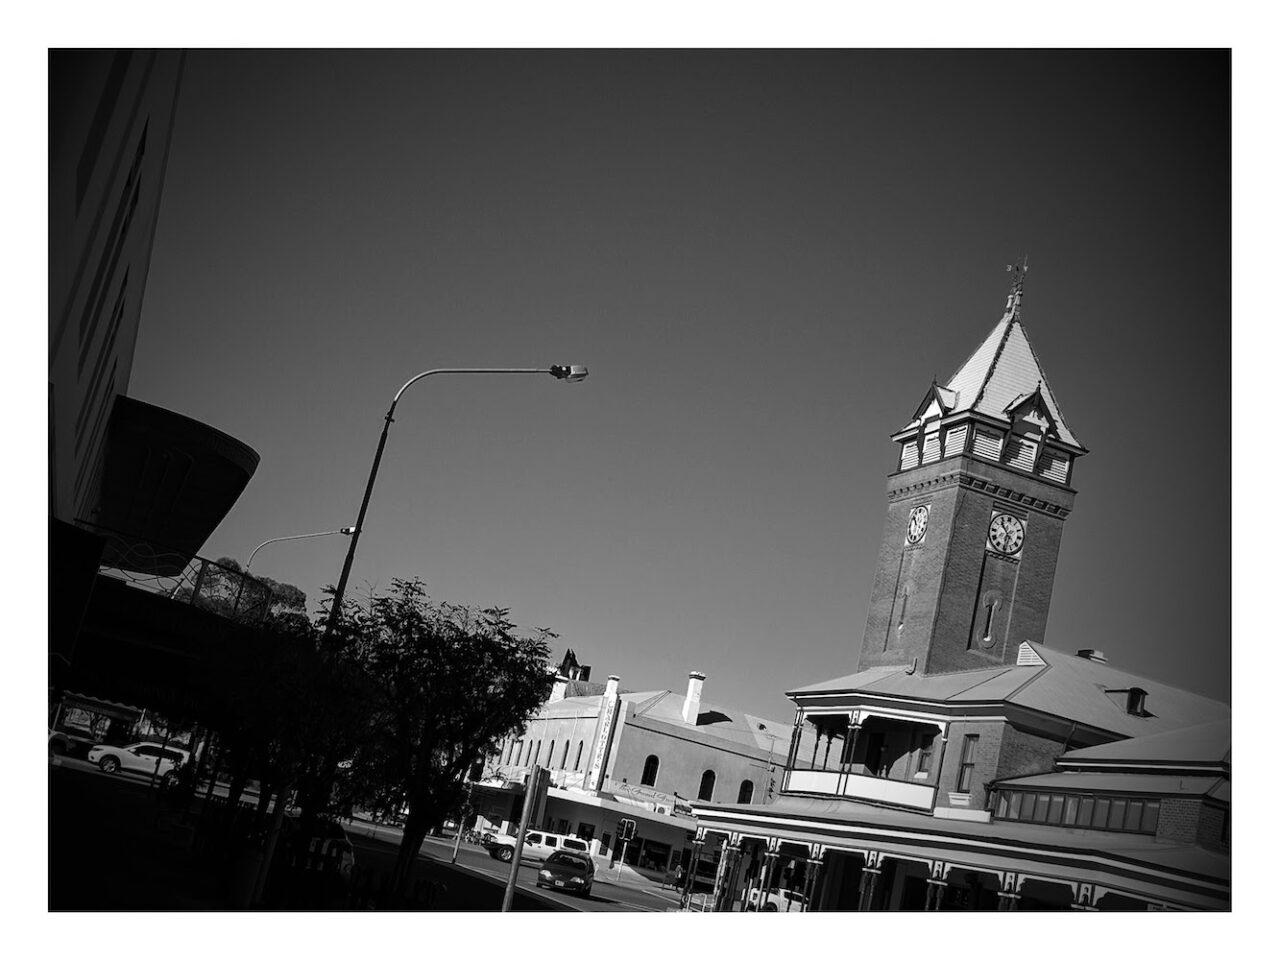 Downtown Broken Hill